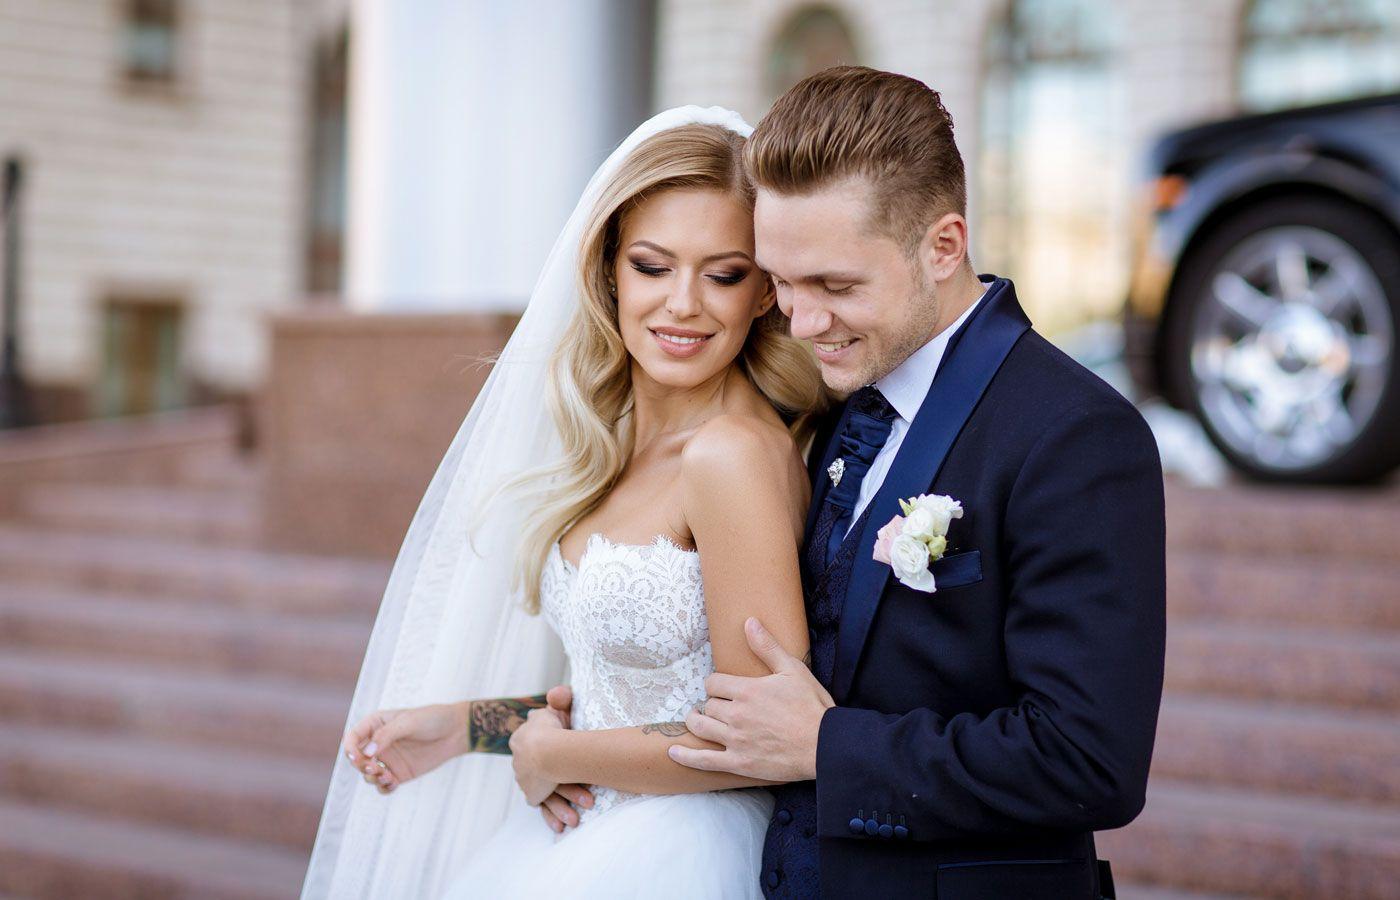 Фото жену на свадьбе 2 фотография